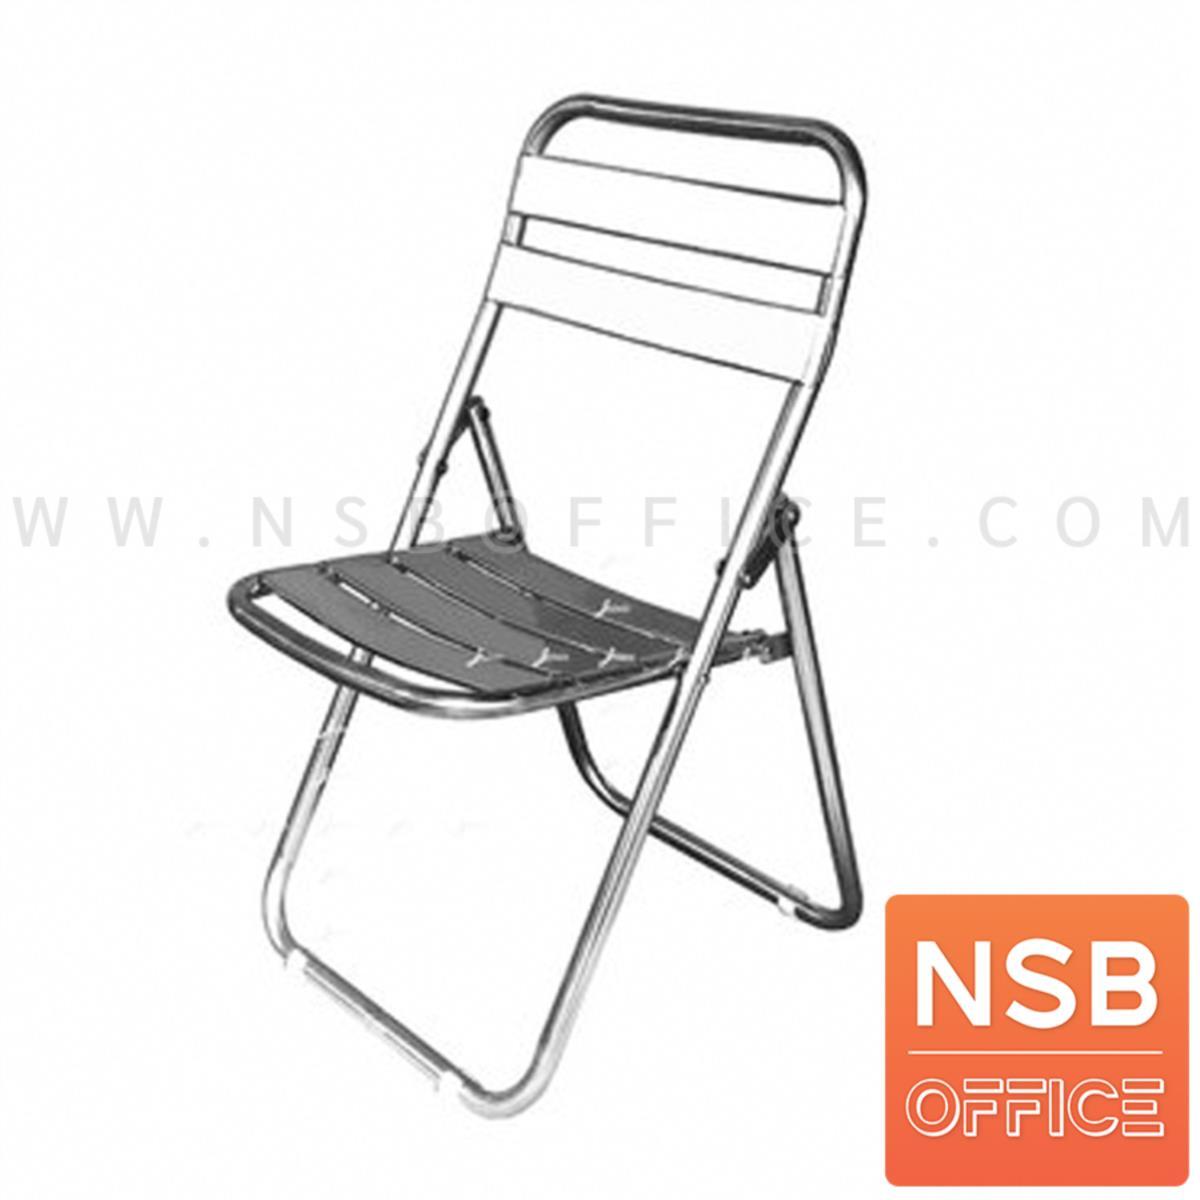 G12A292:เก้าอี้พับสแตนเลส รุ่น Hedwig (เฮ็ดวิก) ขนาด 43W cm.